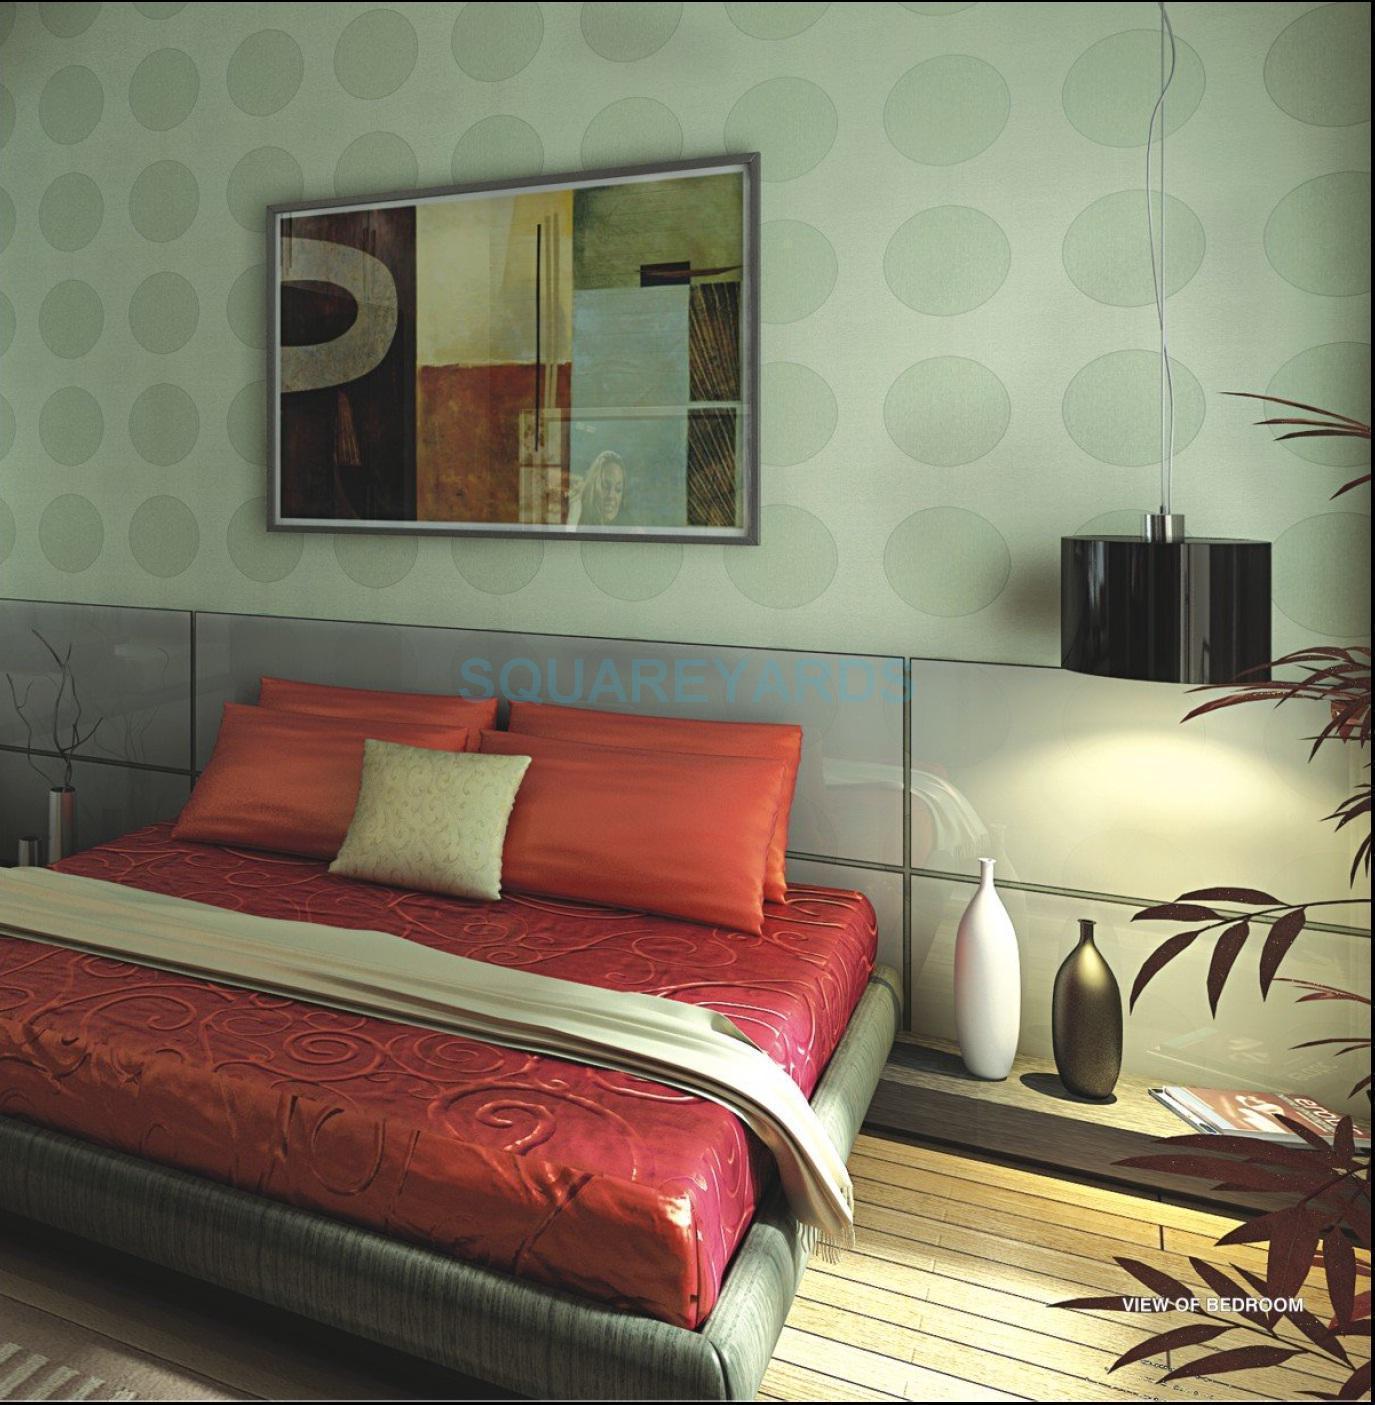 3c lotus zing apartment interiors3